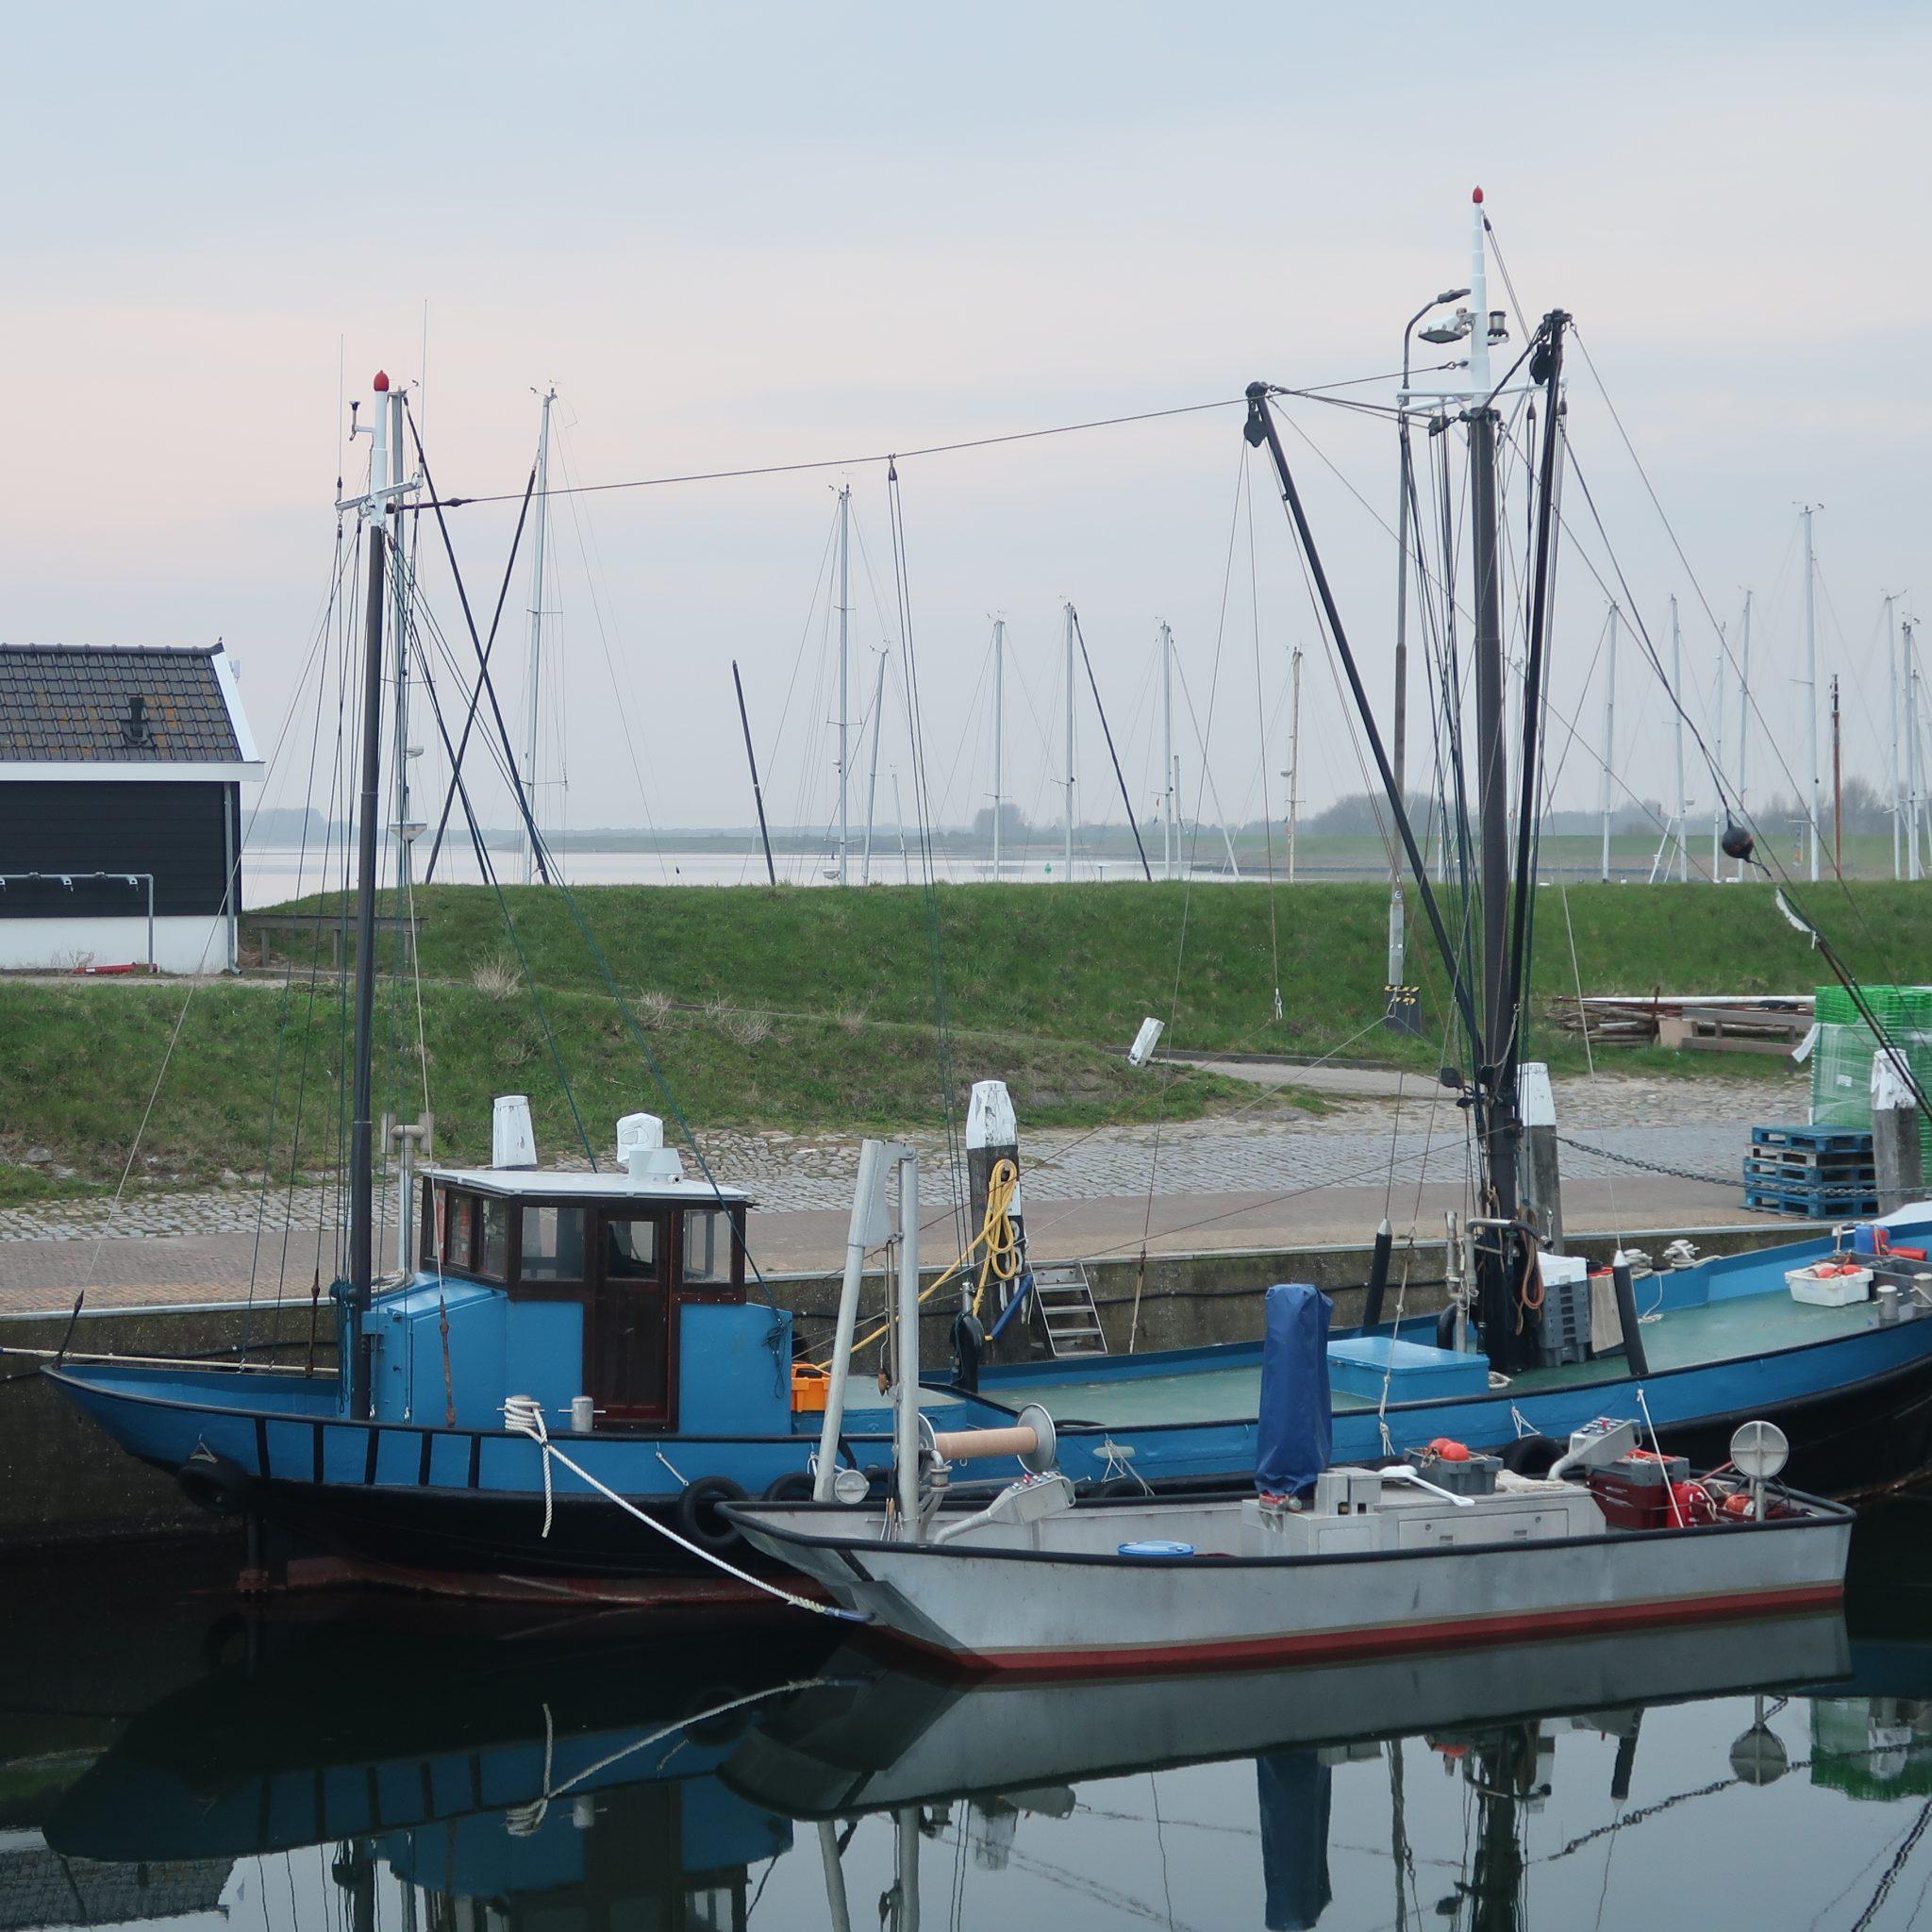 De OD-14, hier afgemeerd in de haven van Ouddorp, was een van de belangrijkste aanvoerders op Colijnsplaat. (Foto W.M. den Heijer)